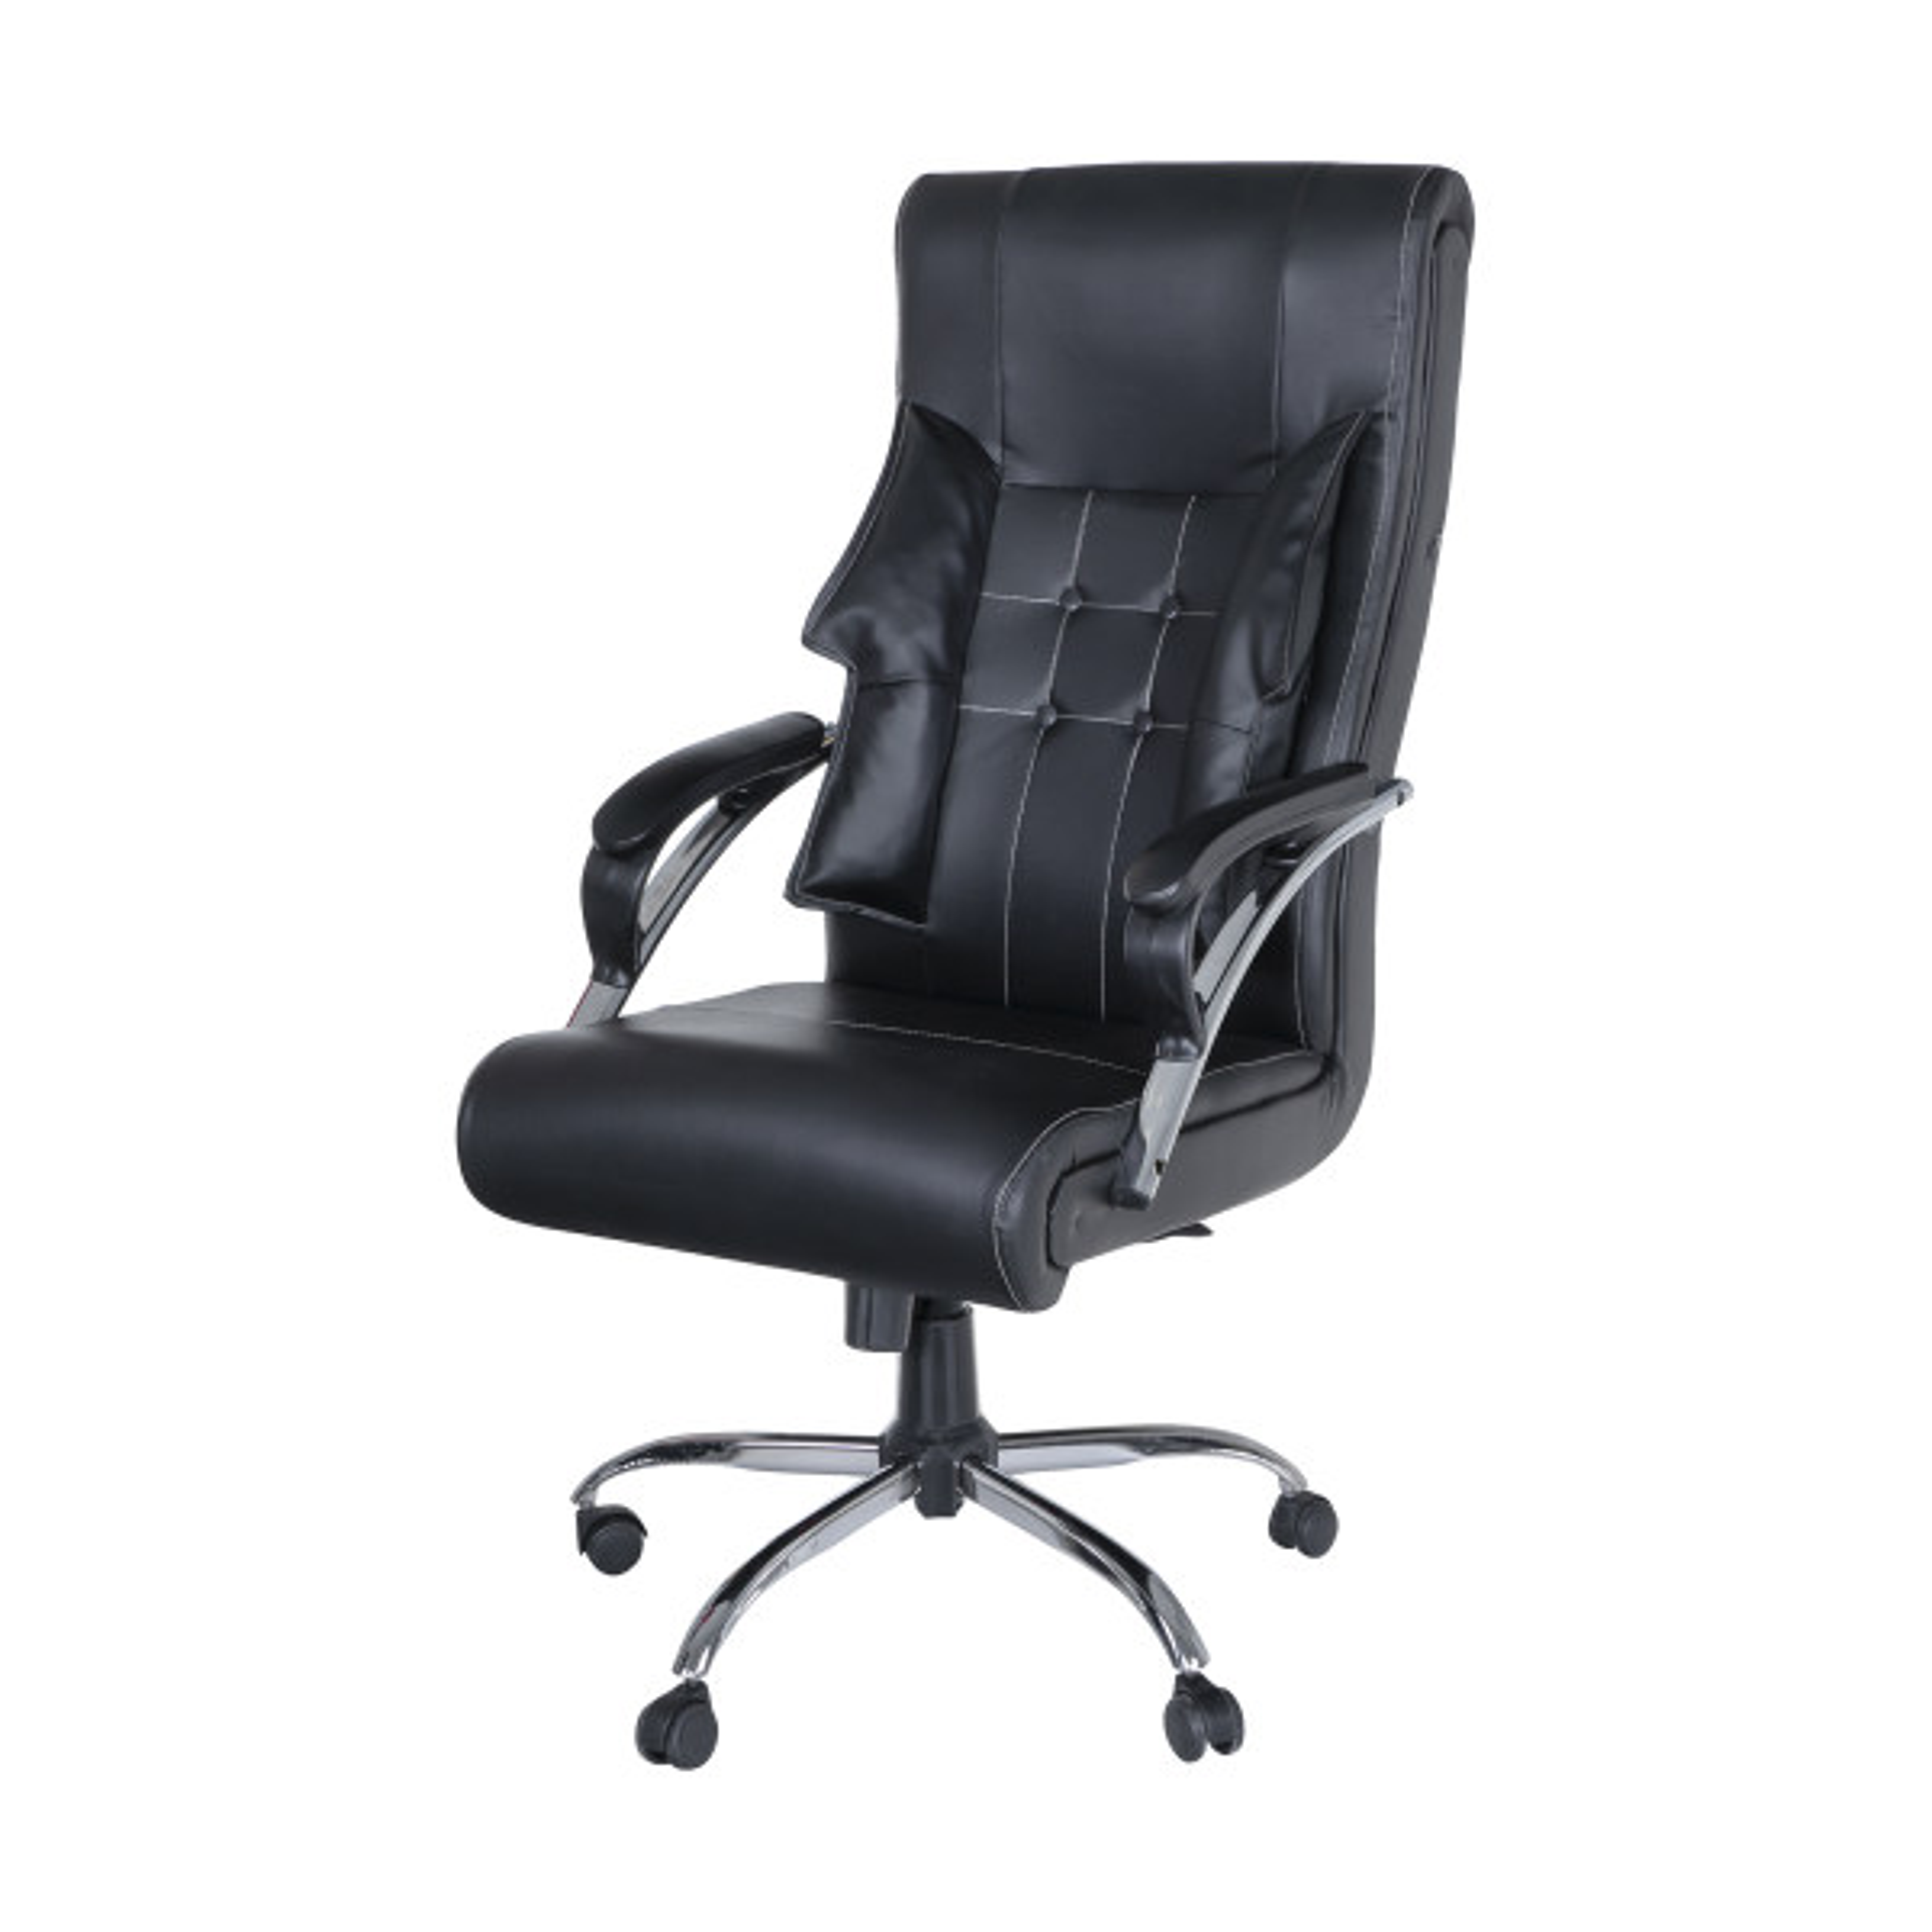 صندلی مدیریتی مبلمان اداری نوین مدل S01